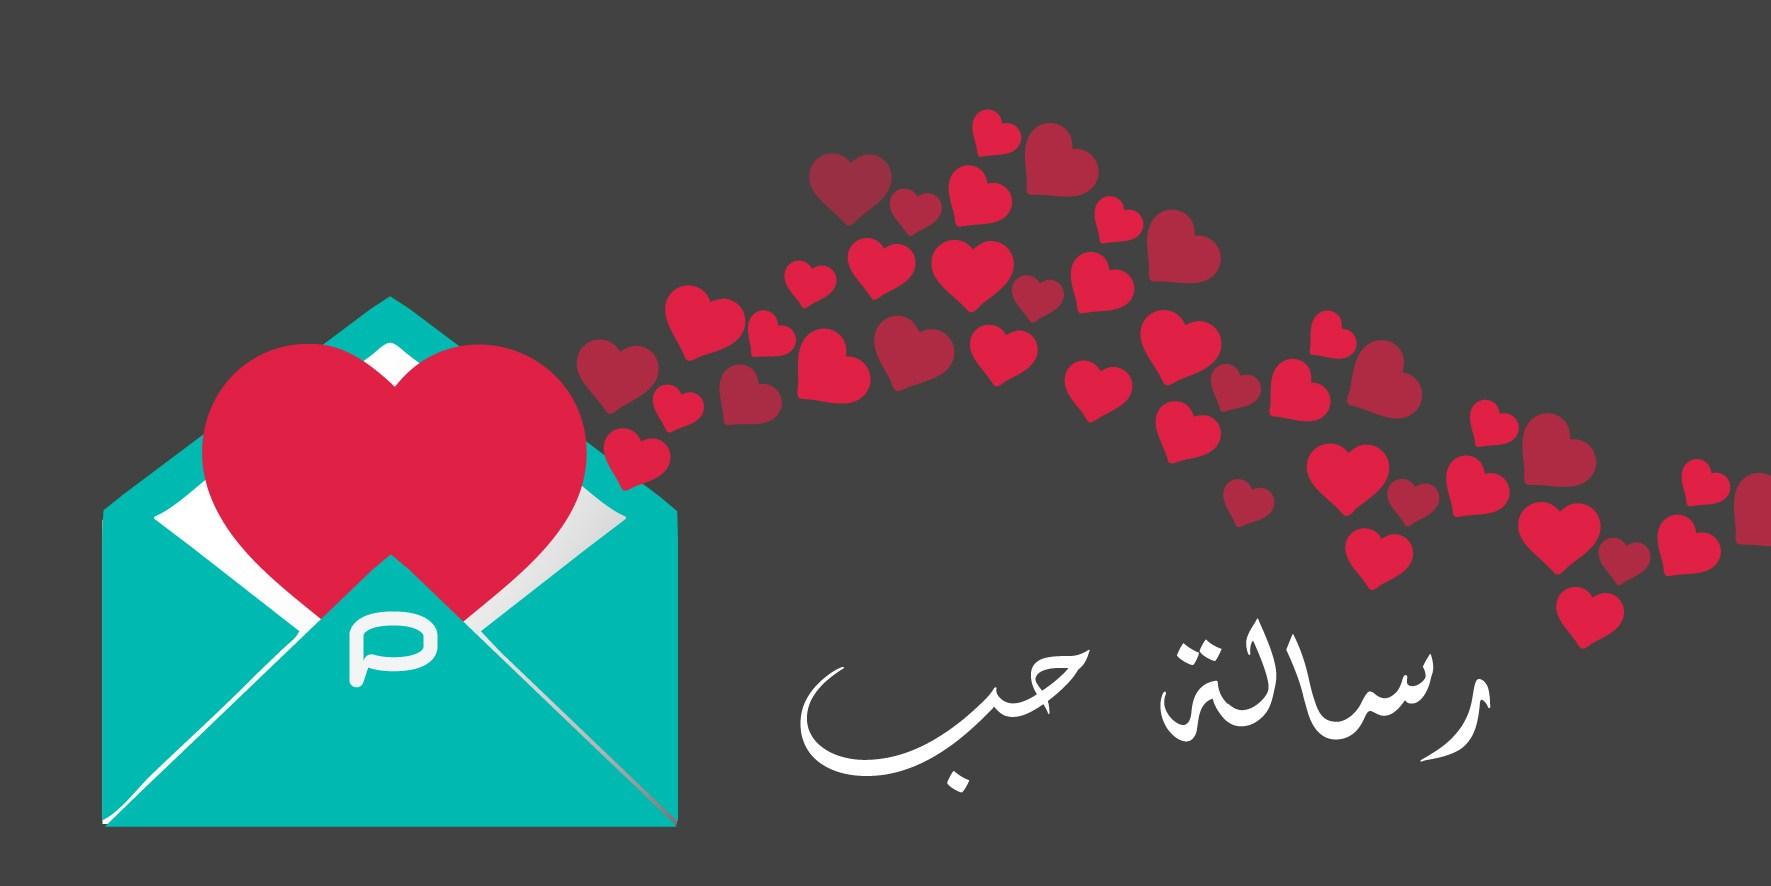 بالصور رسالة حب , التعبير عن حبك واشواقك فى رساله 5421 5